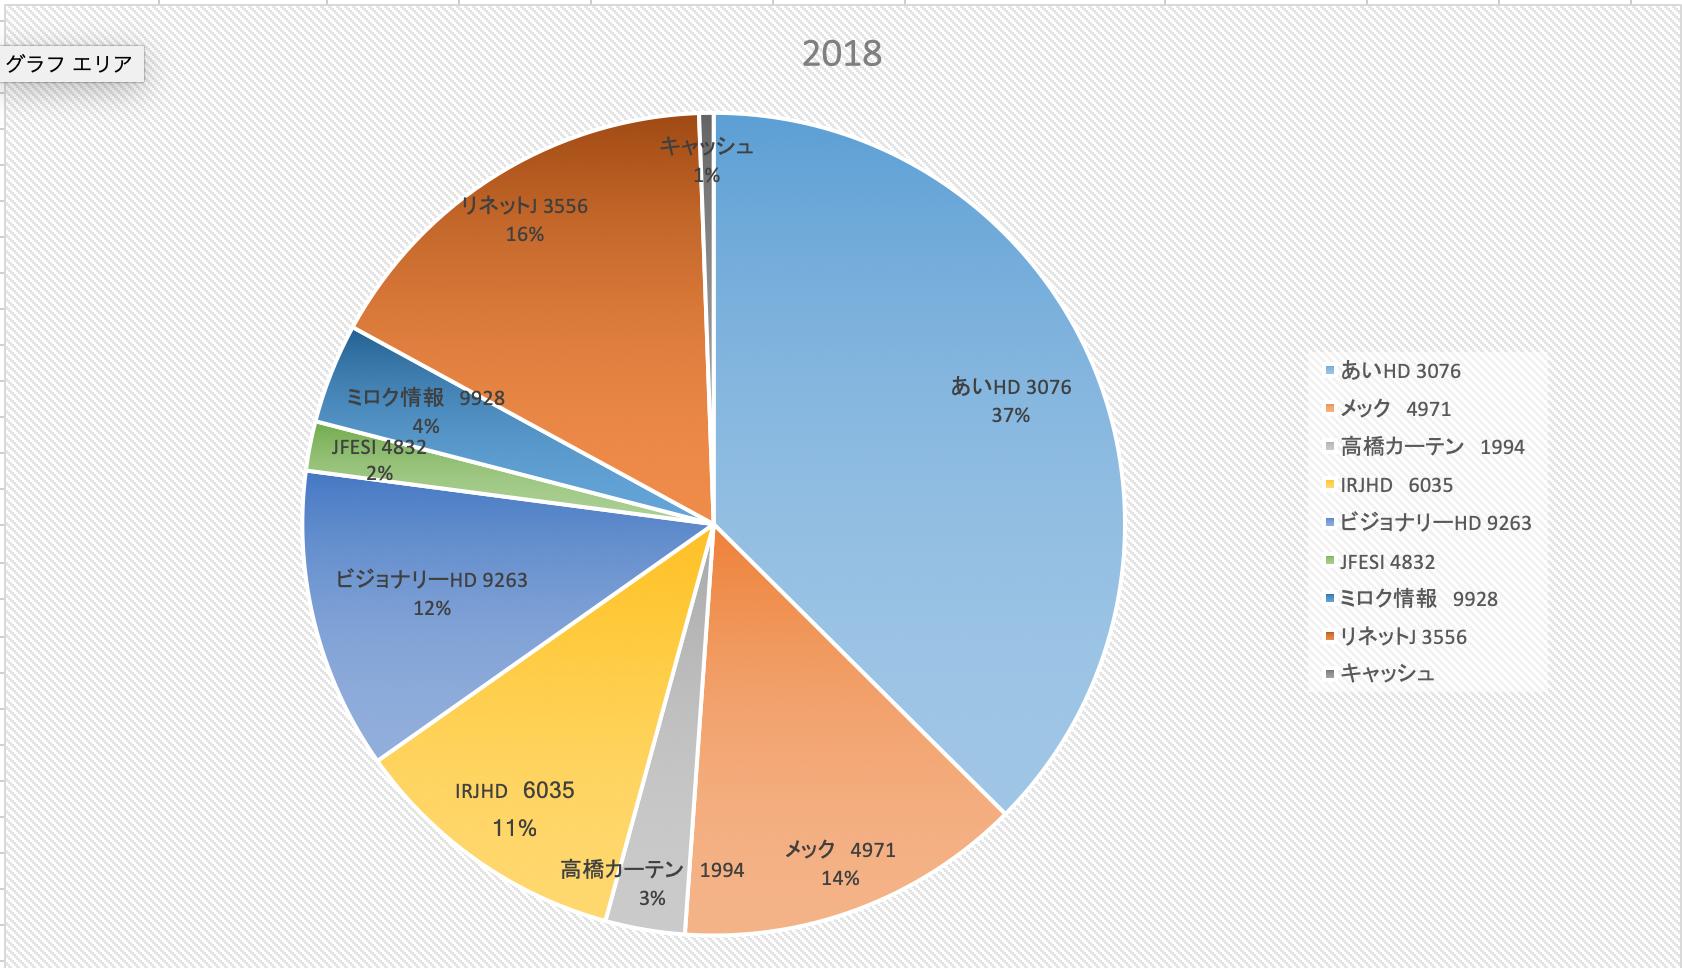 安定感と成長性のジレンマ(株式投資成績報告2018/11/18)